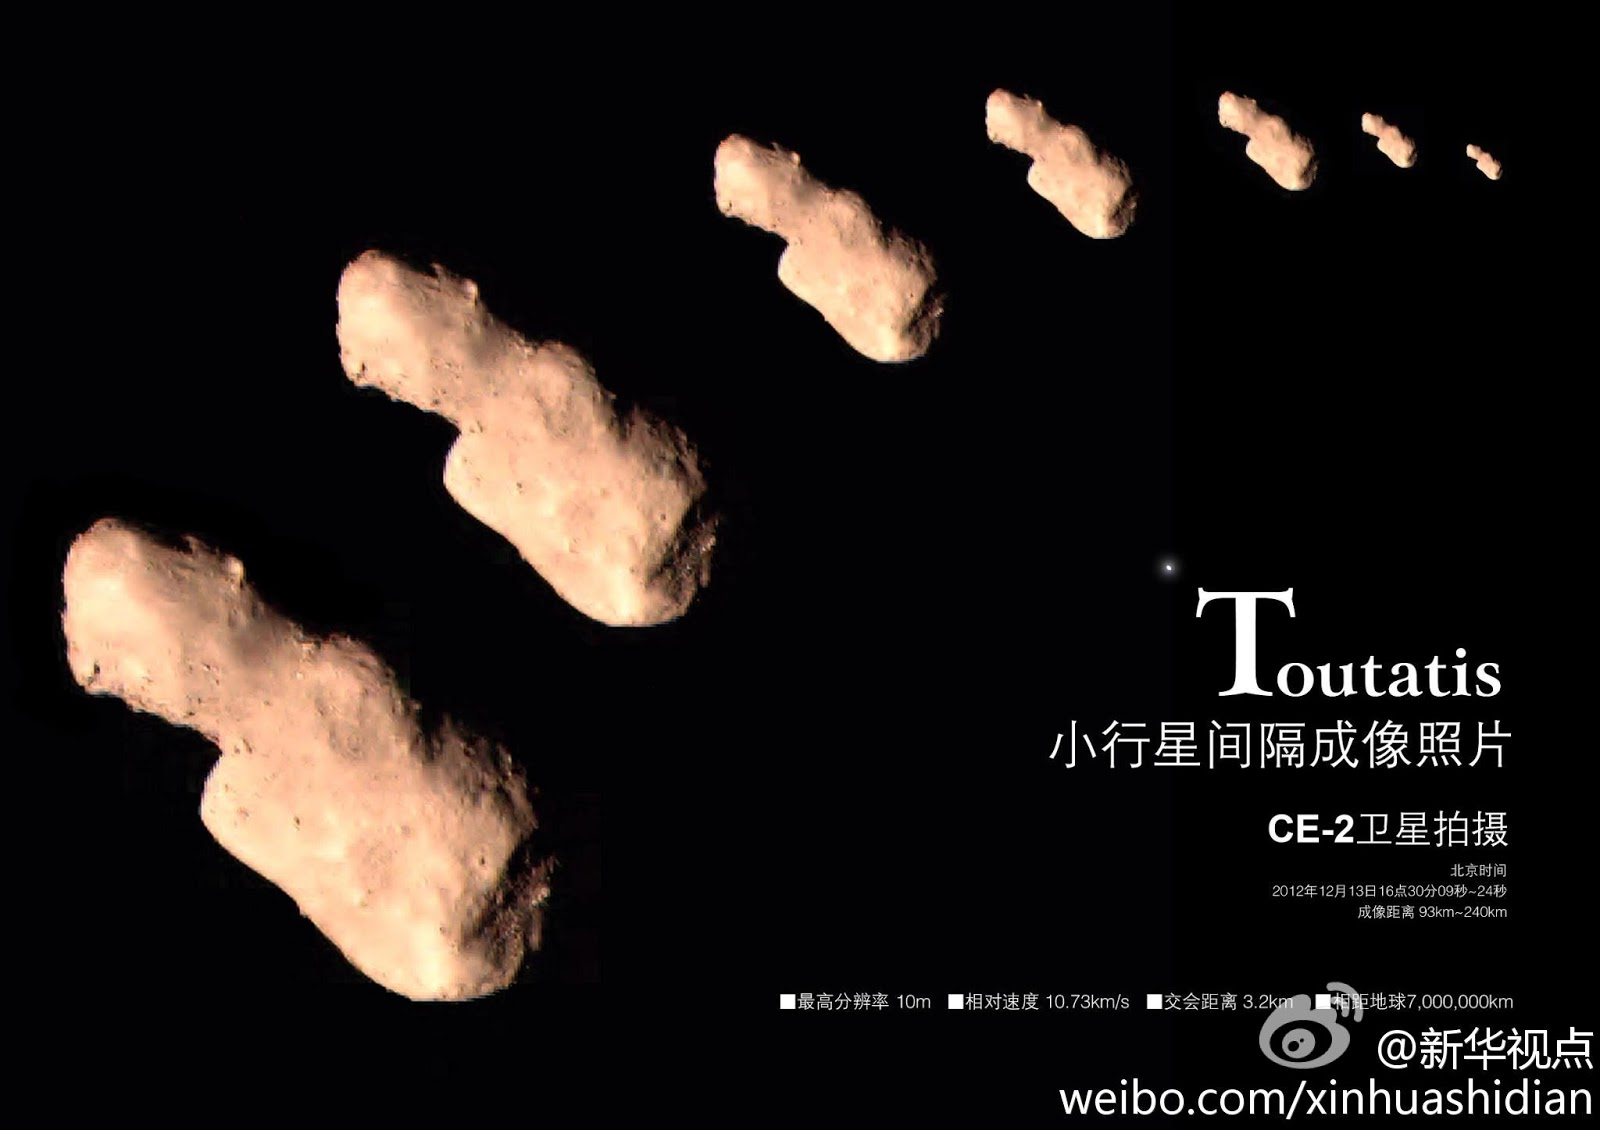 asteroid 4179 toutatis - photo #16